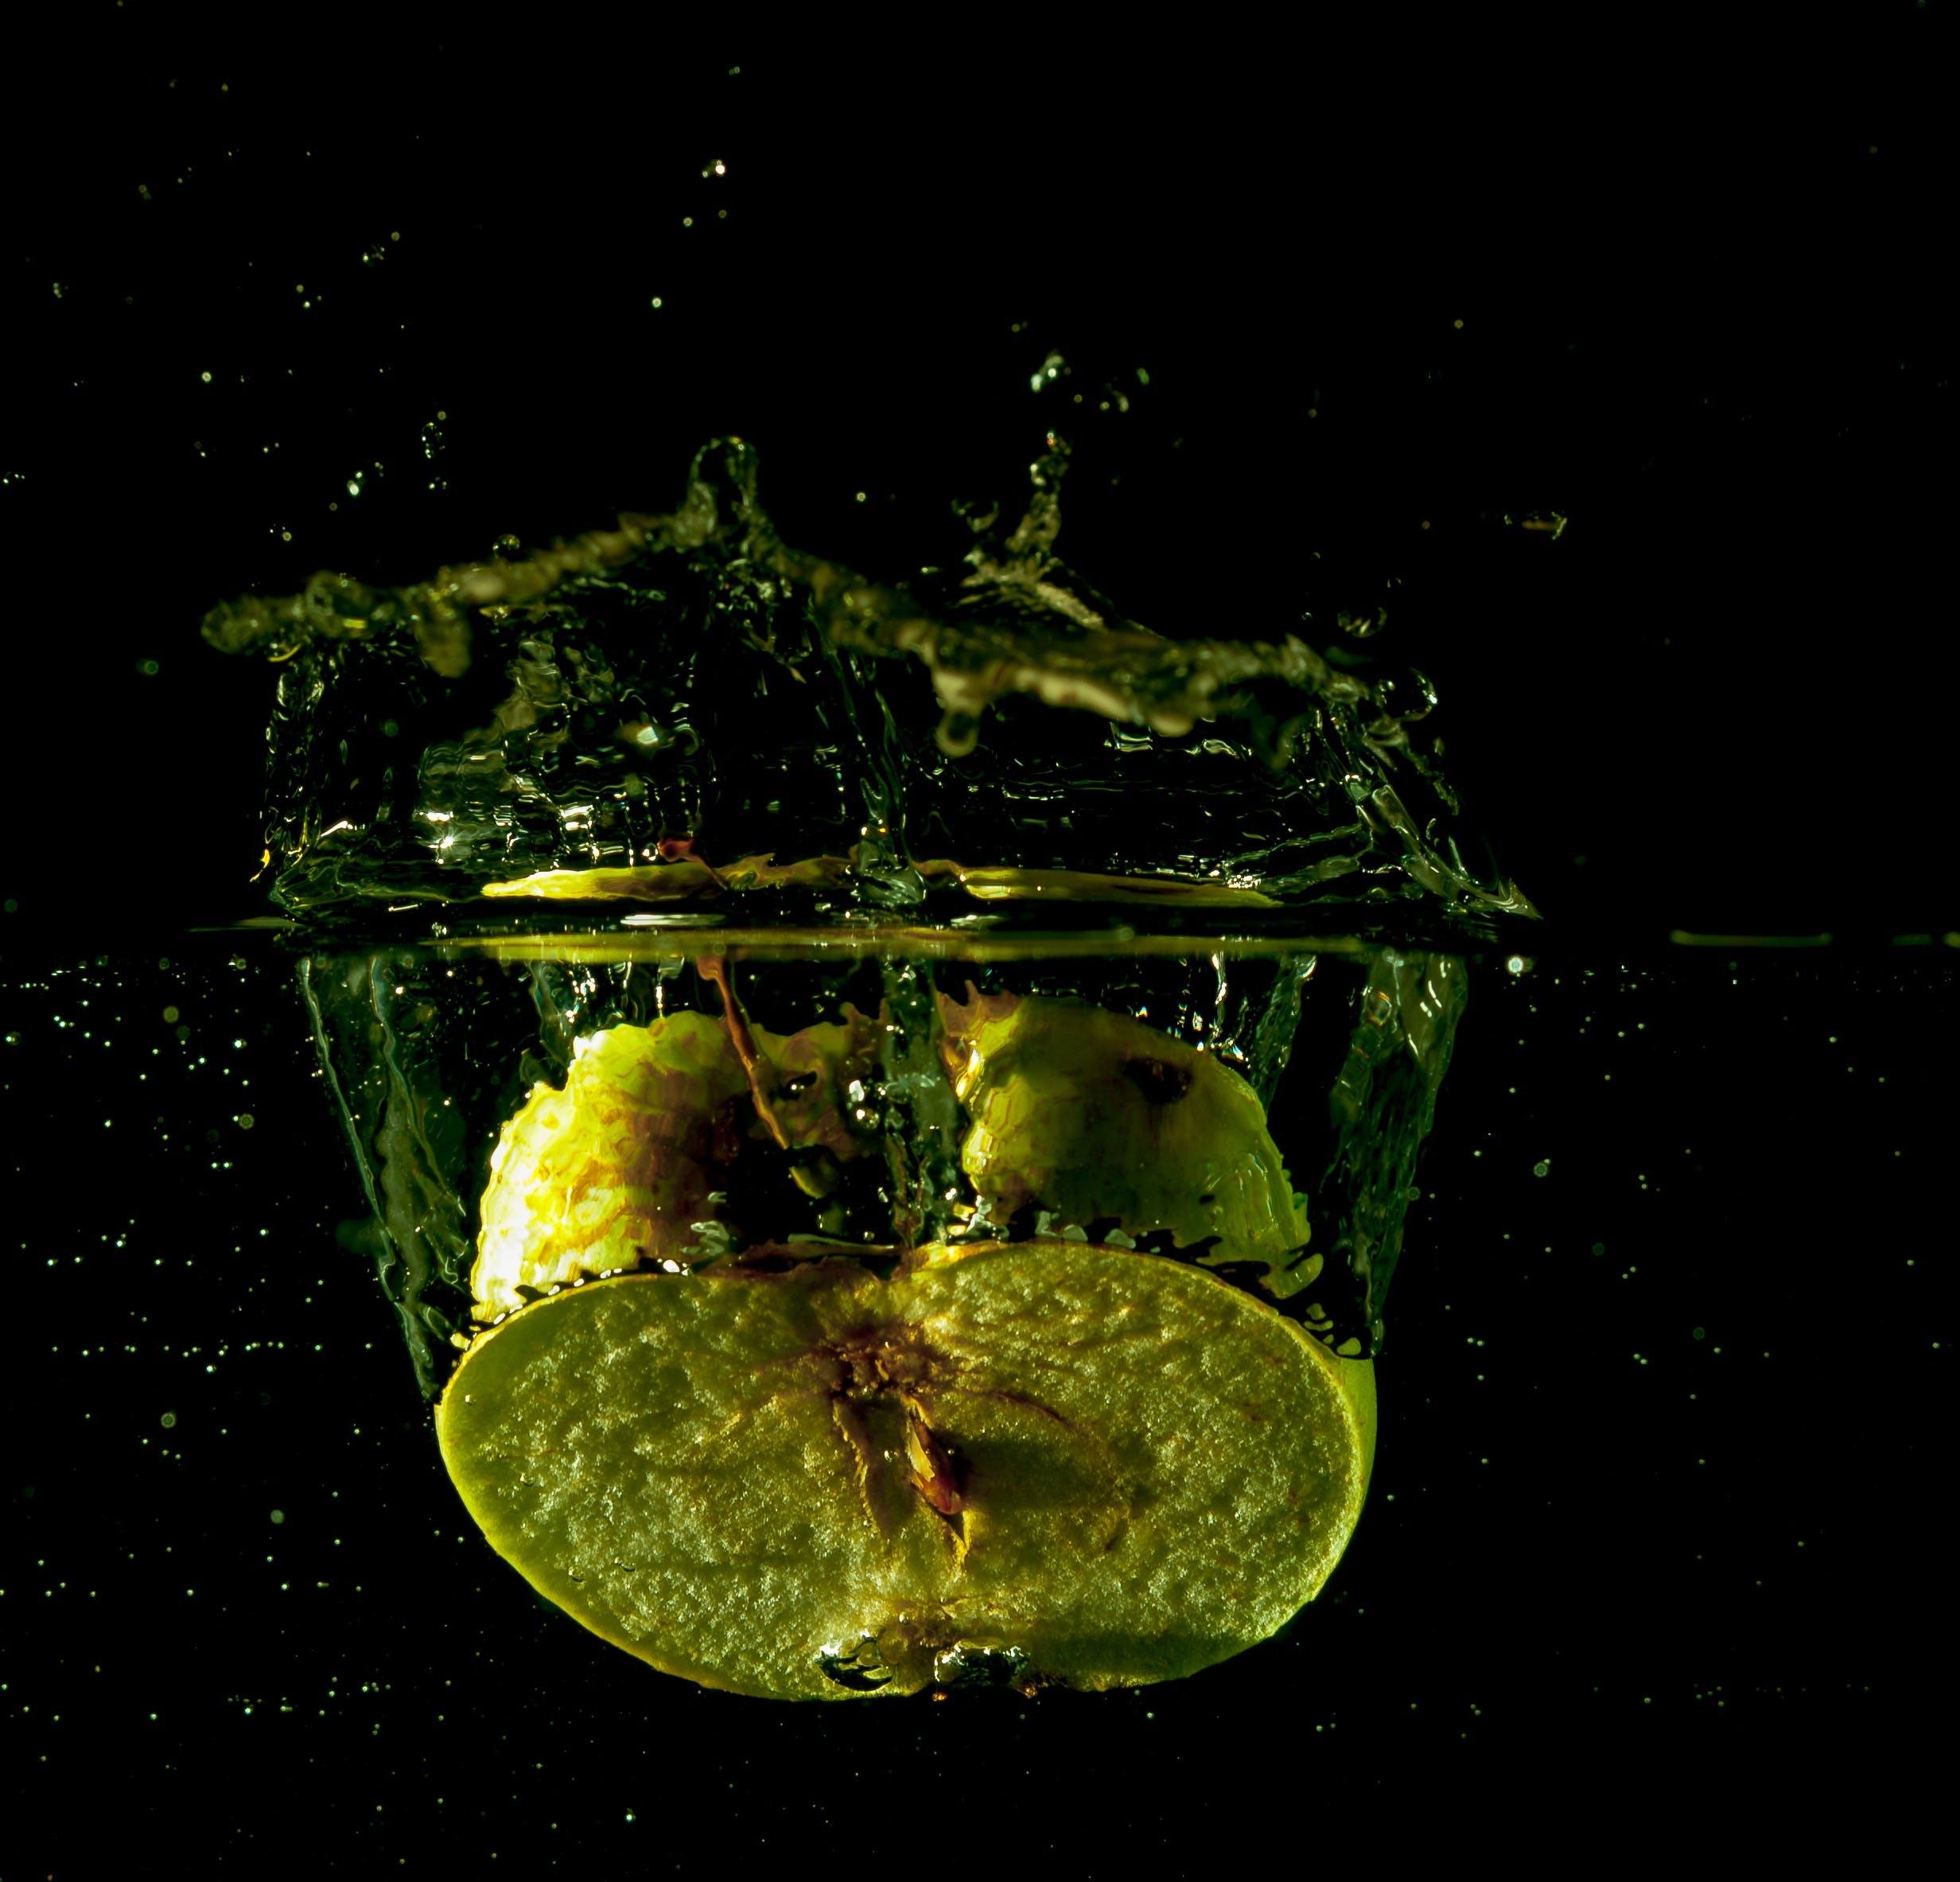 Kostenloses Stock Foto zu wasser, glas, nass, reflektierung